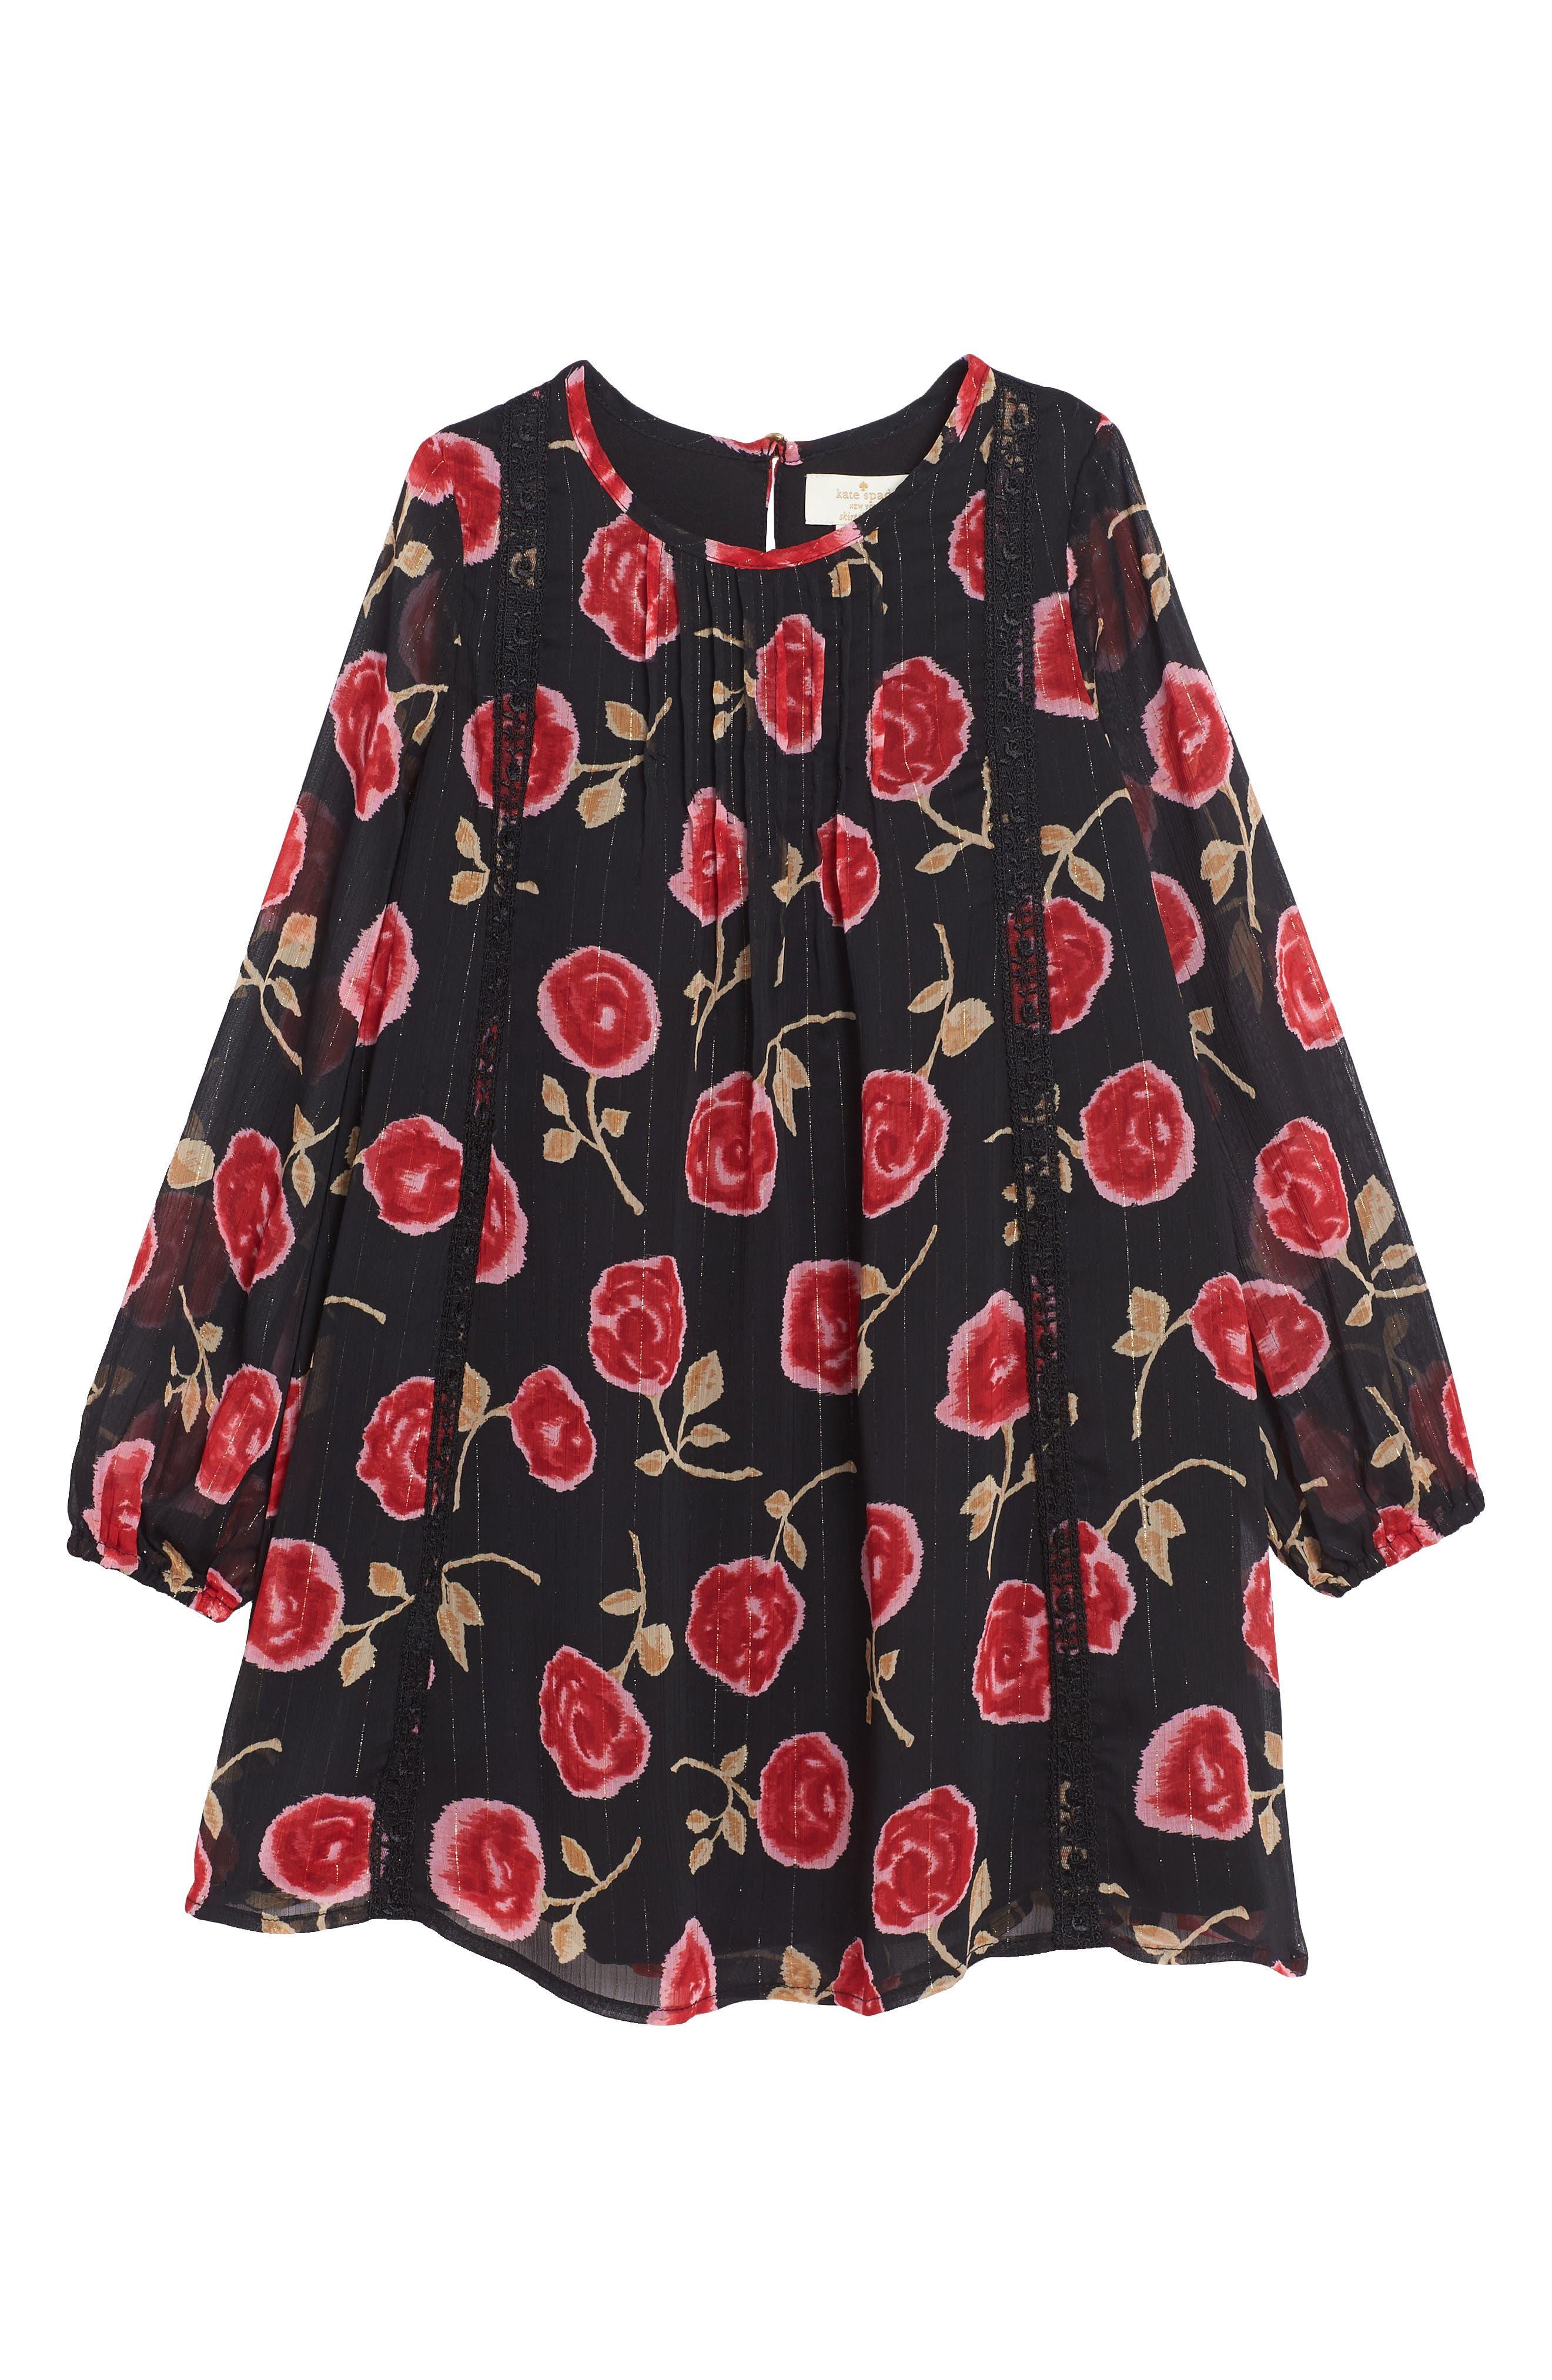 Main Image - kate spade new york rose print chiffon dress (Toddler Girls & Little Girls)